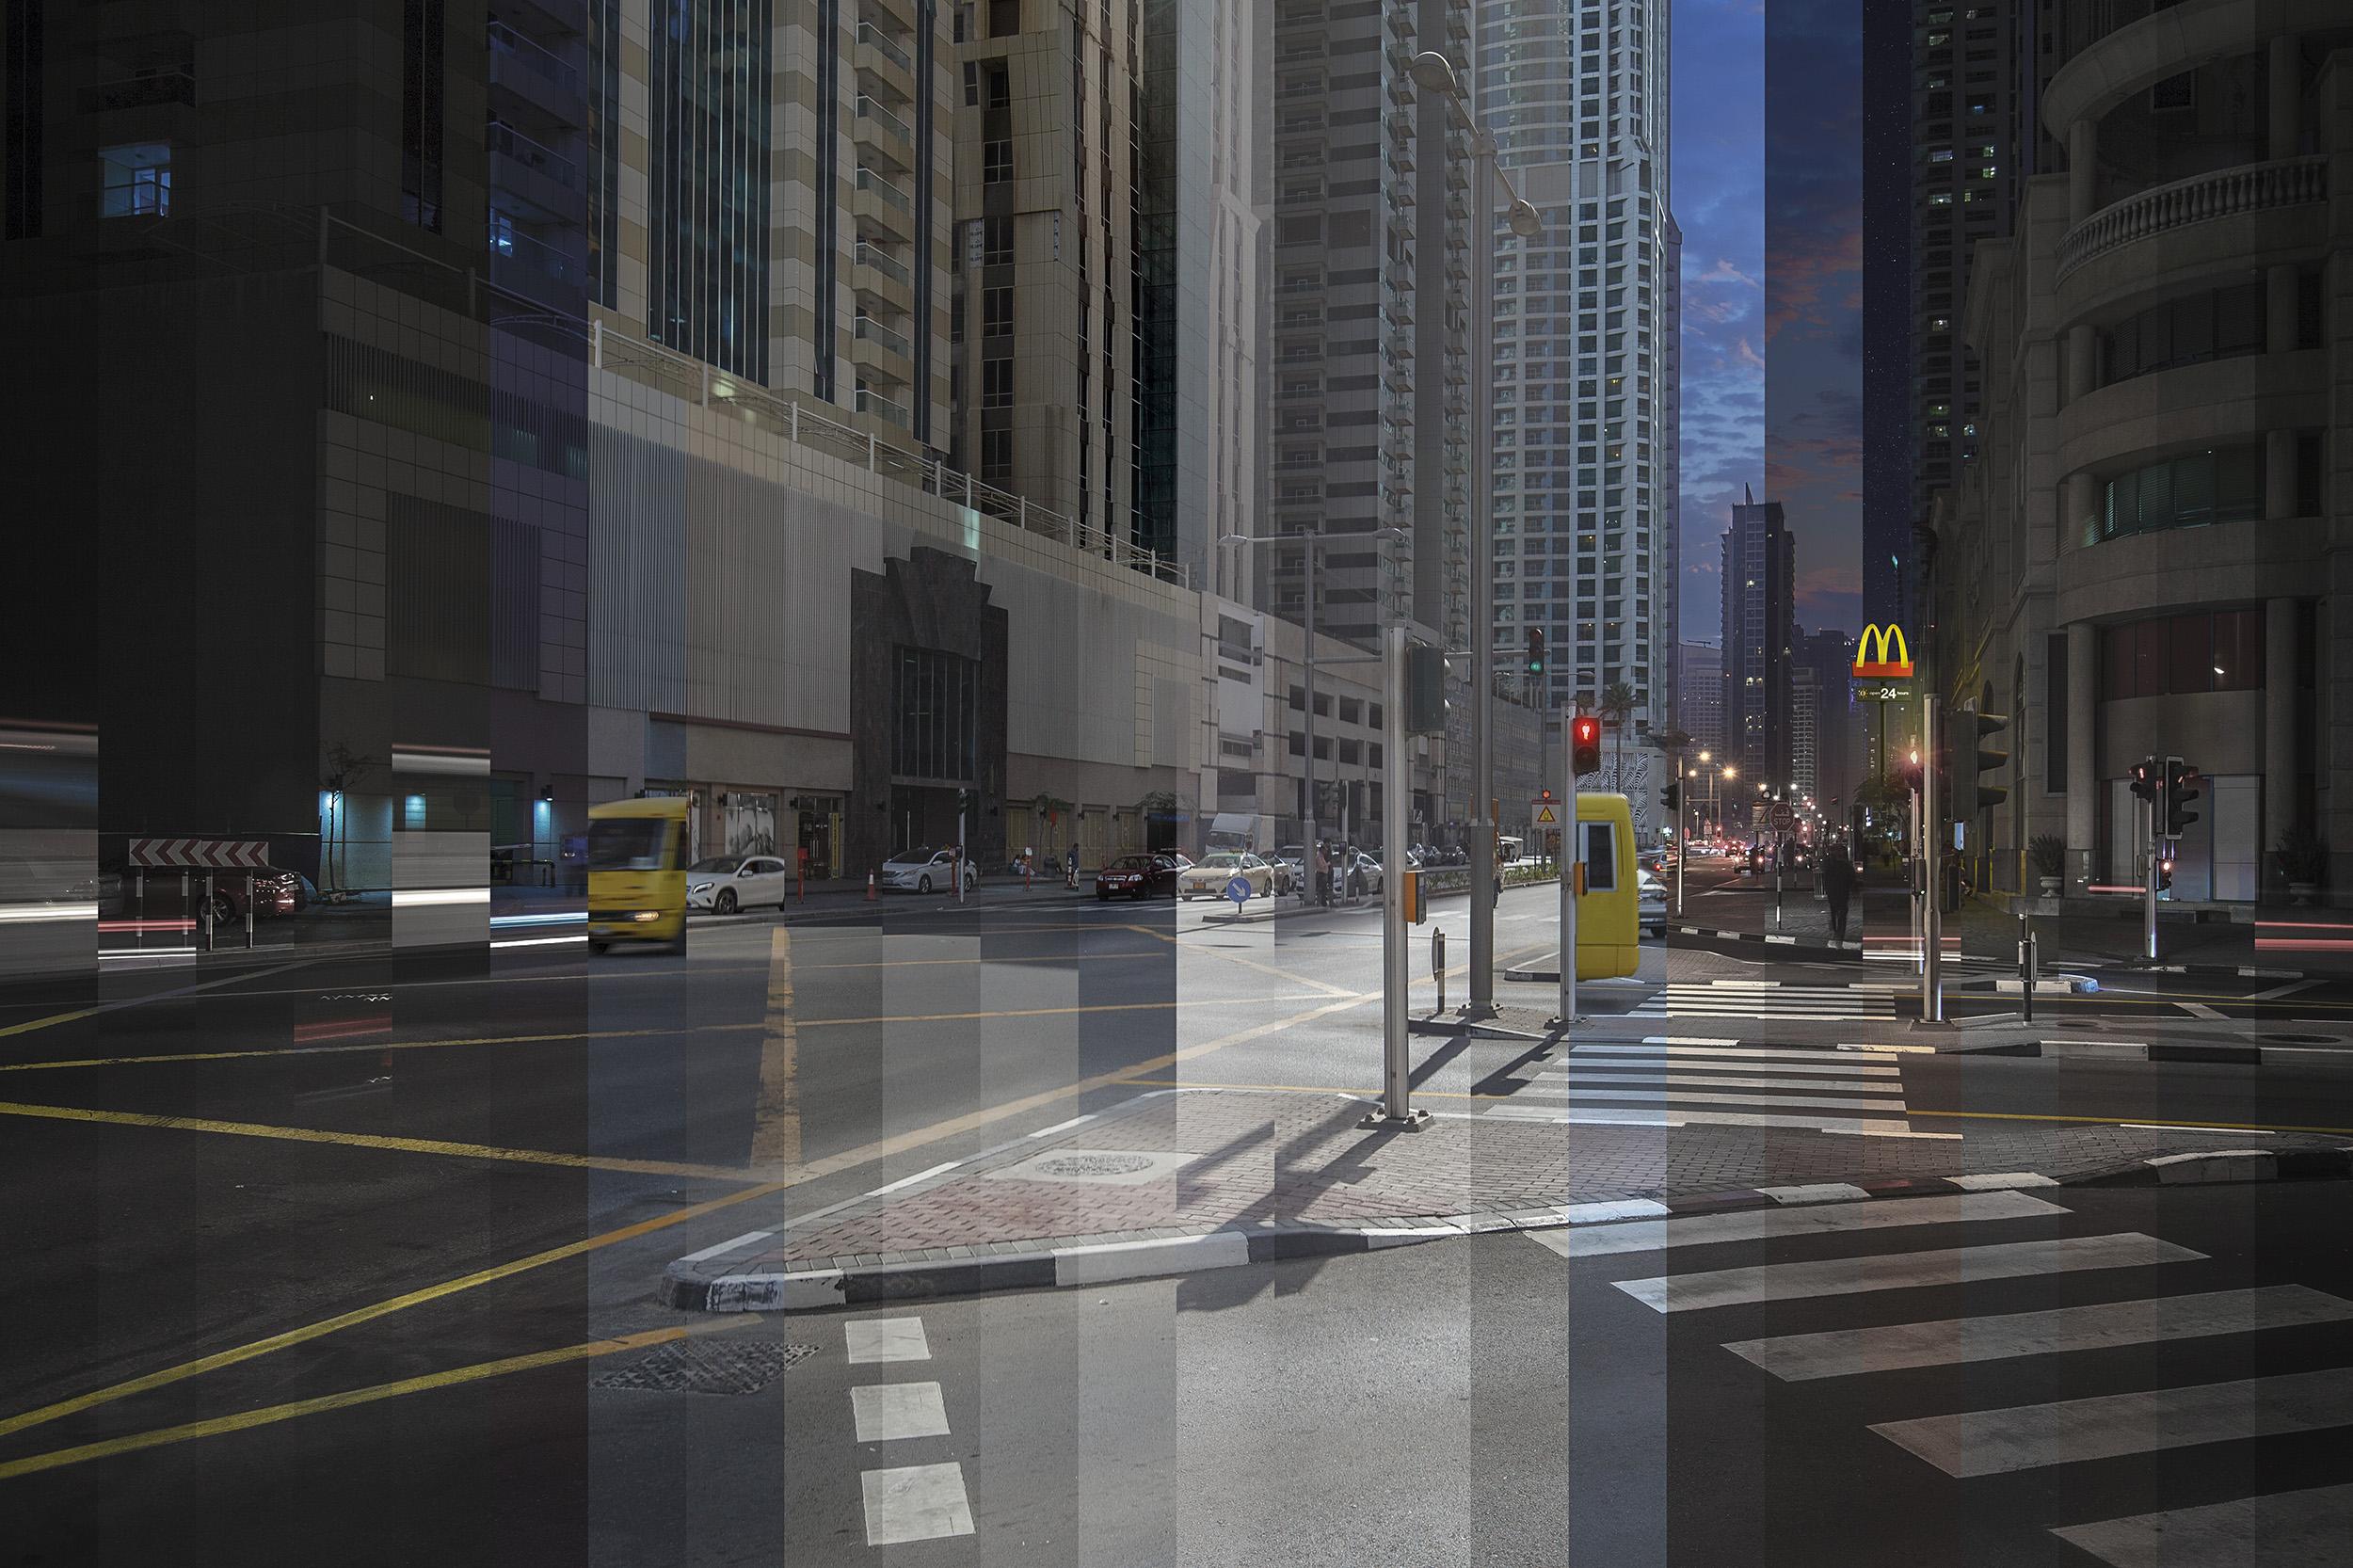 McDonald's Day& Night 2